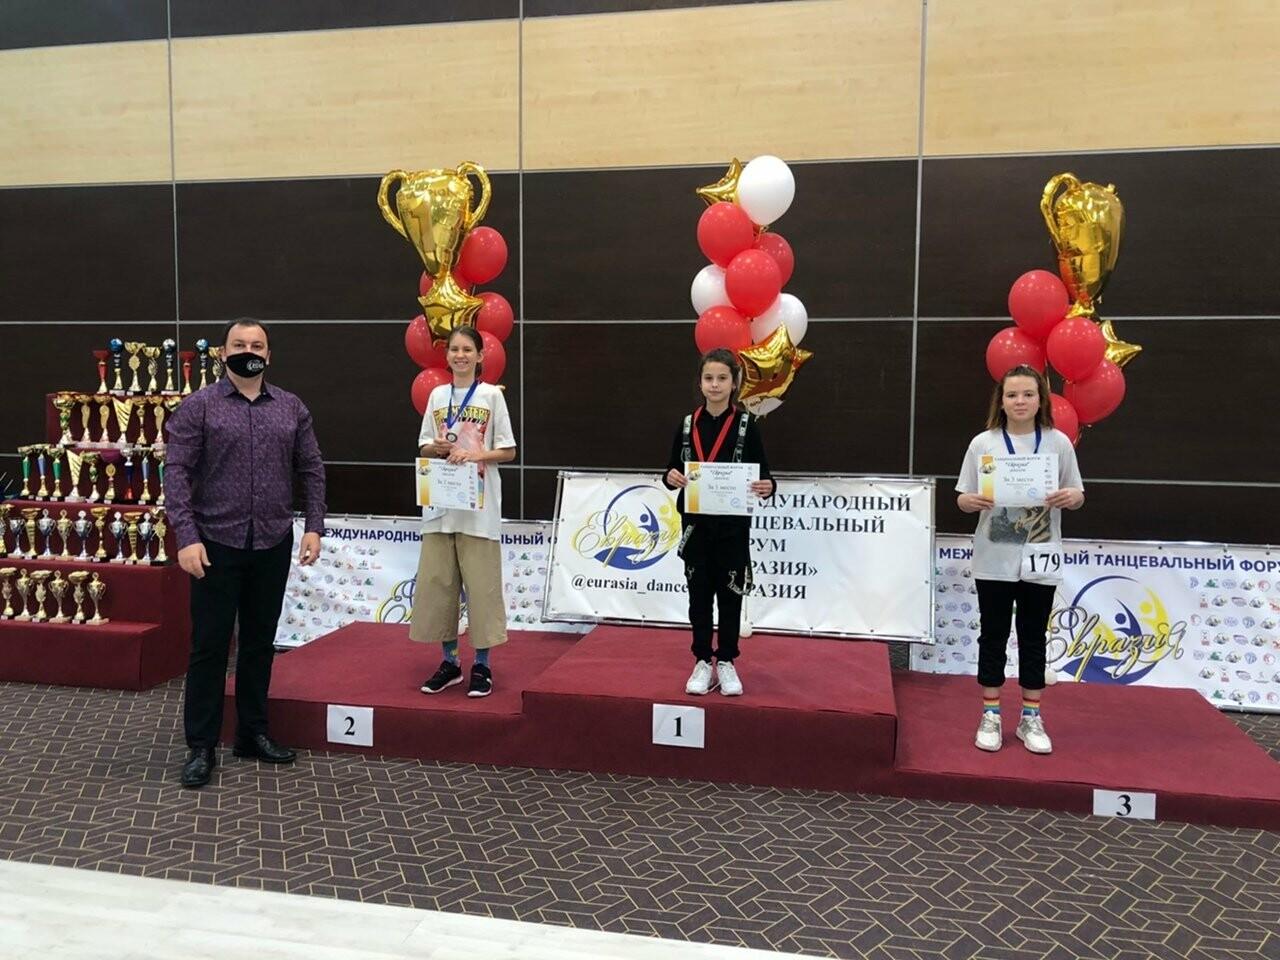 Танцоры из Новошахтинска привезли награды престижных соревнований, фото-1